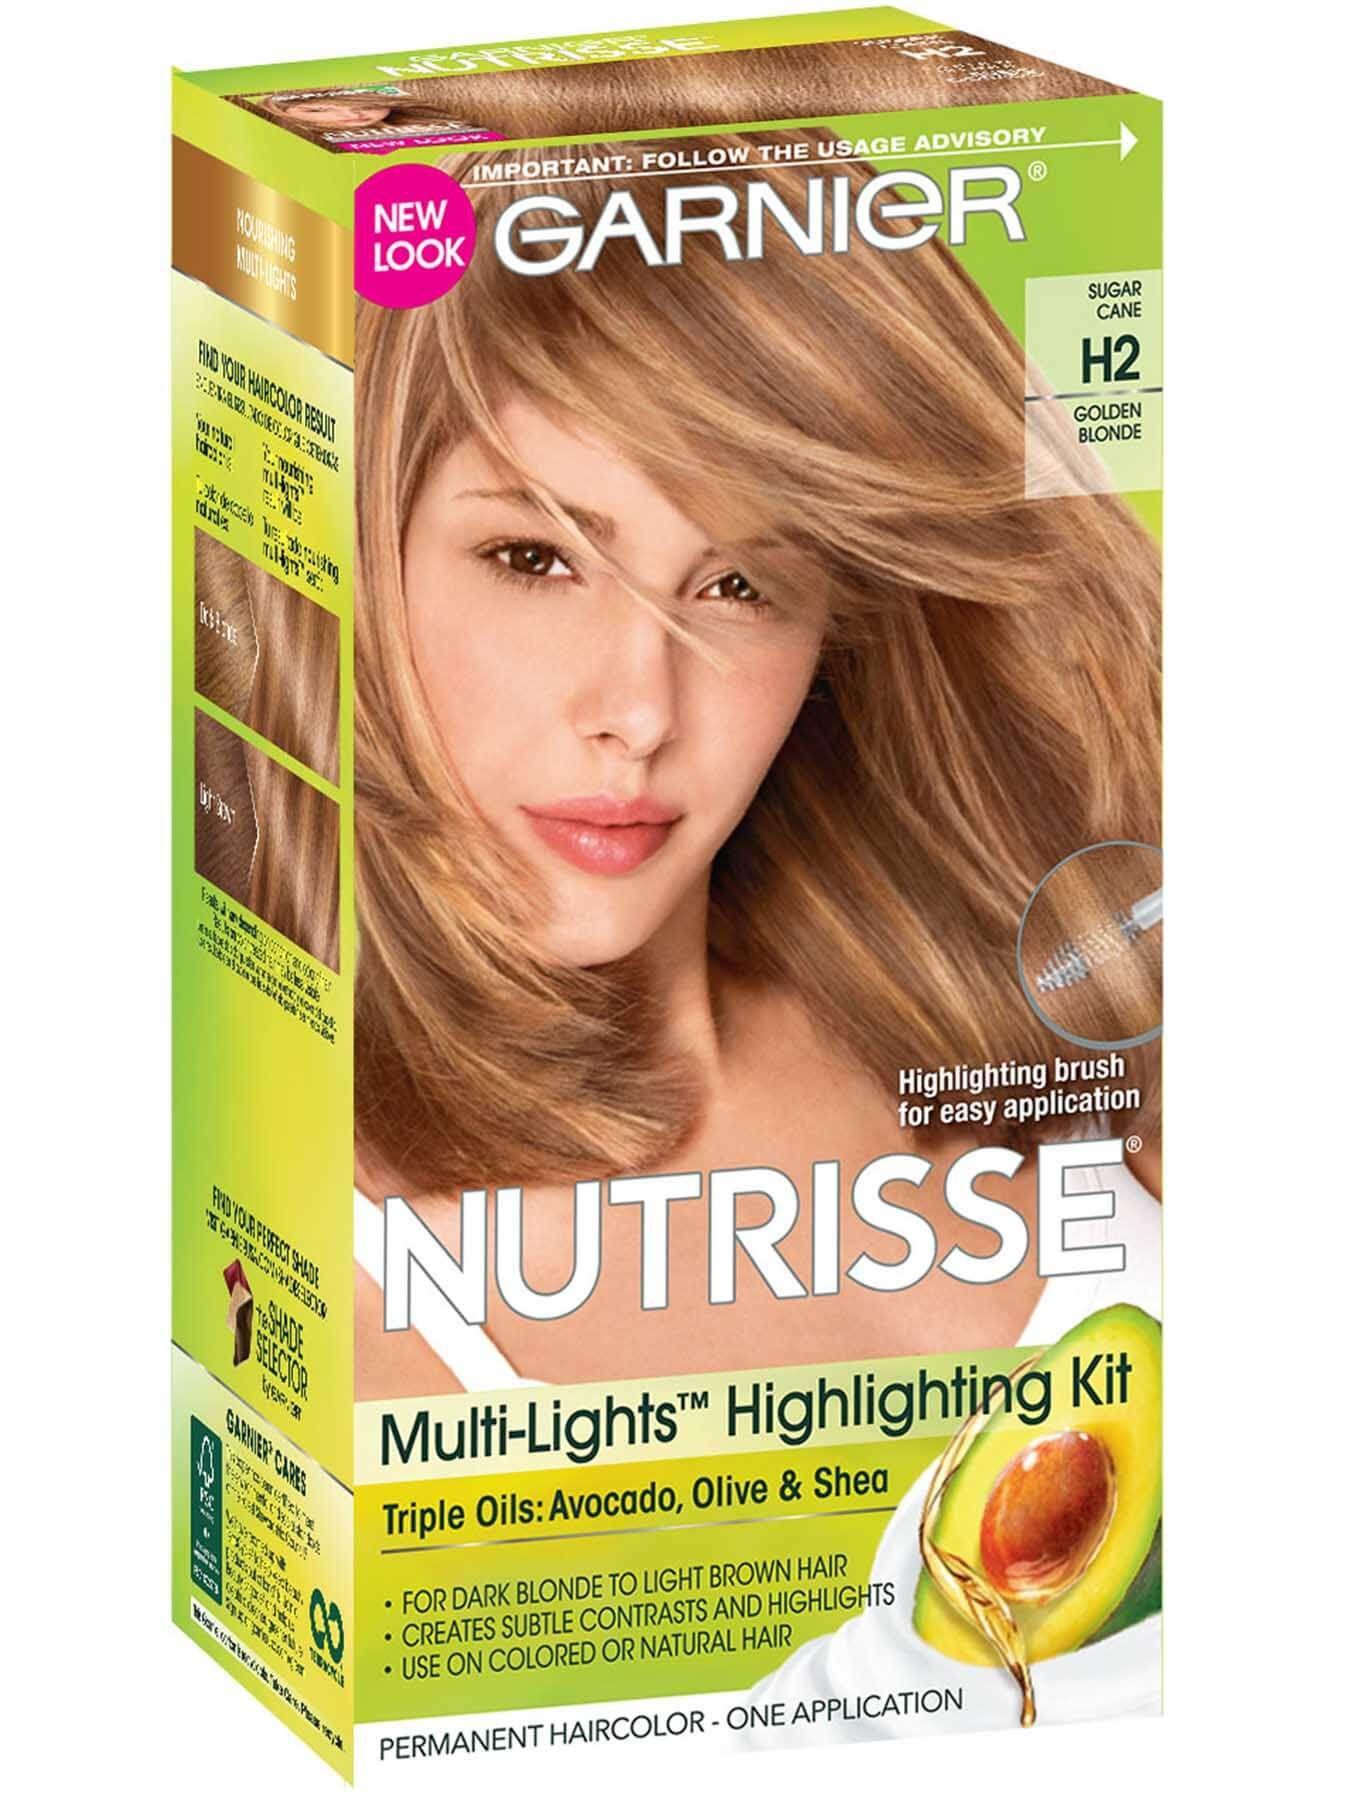 H2 Golden Blonde In 2020 Golden Blonde Hair Color Hair Color